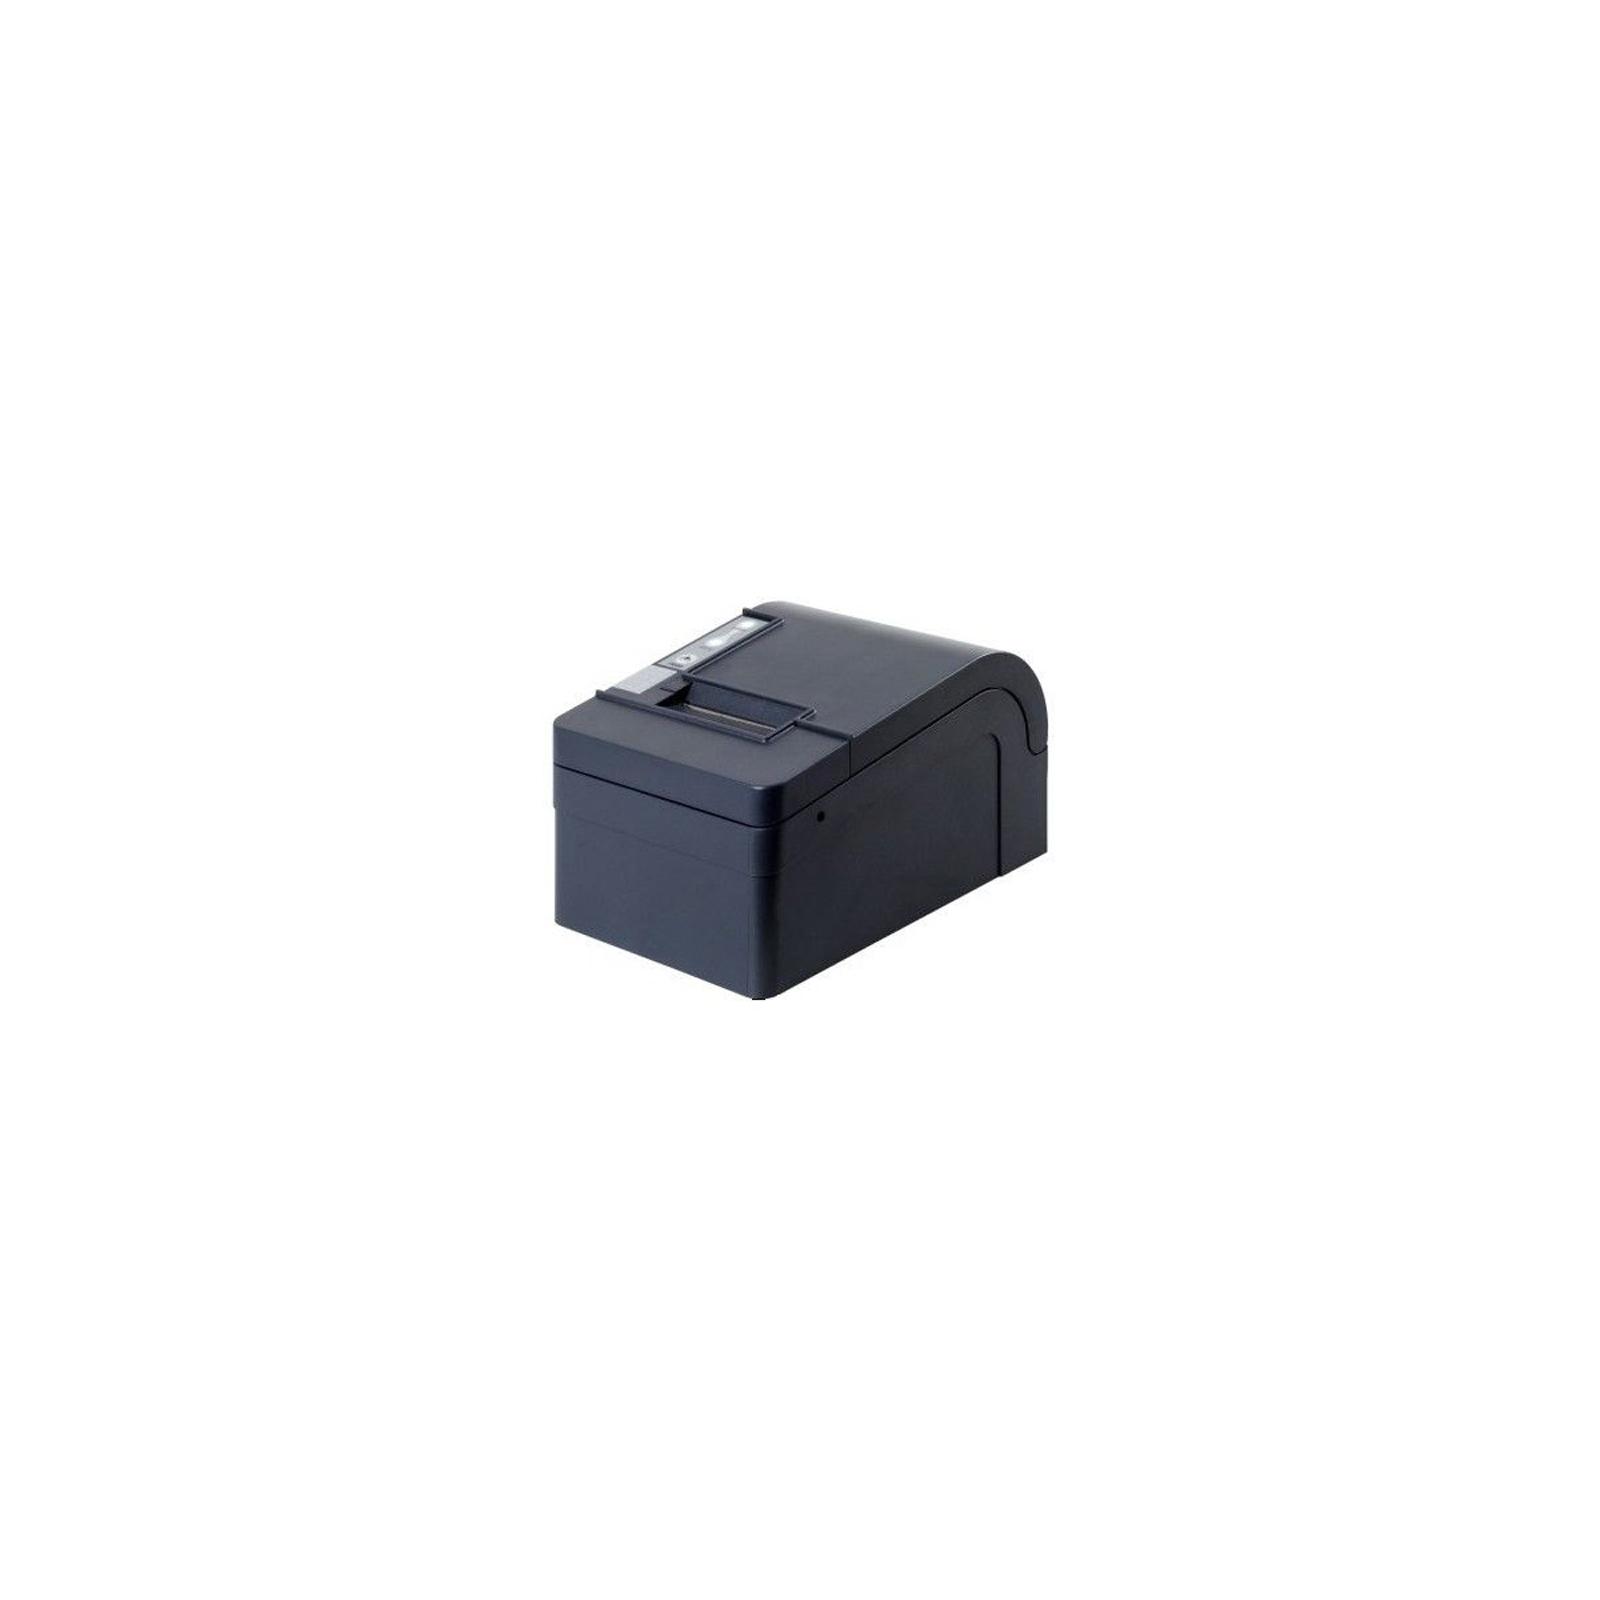 Принтер чеков Syncotek POS 58 VC130 Ethernet (000002000)